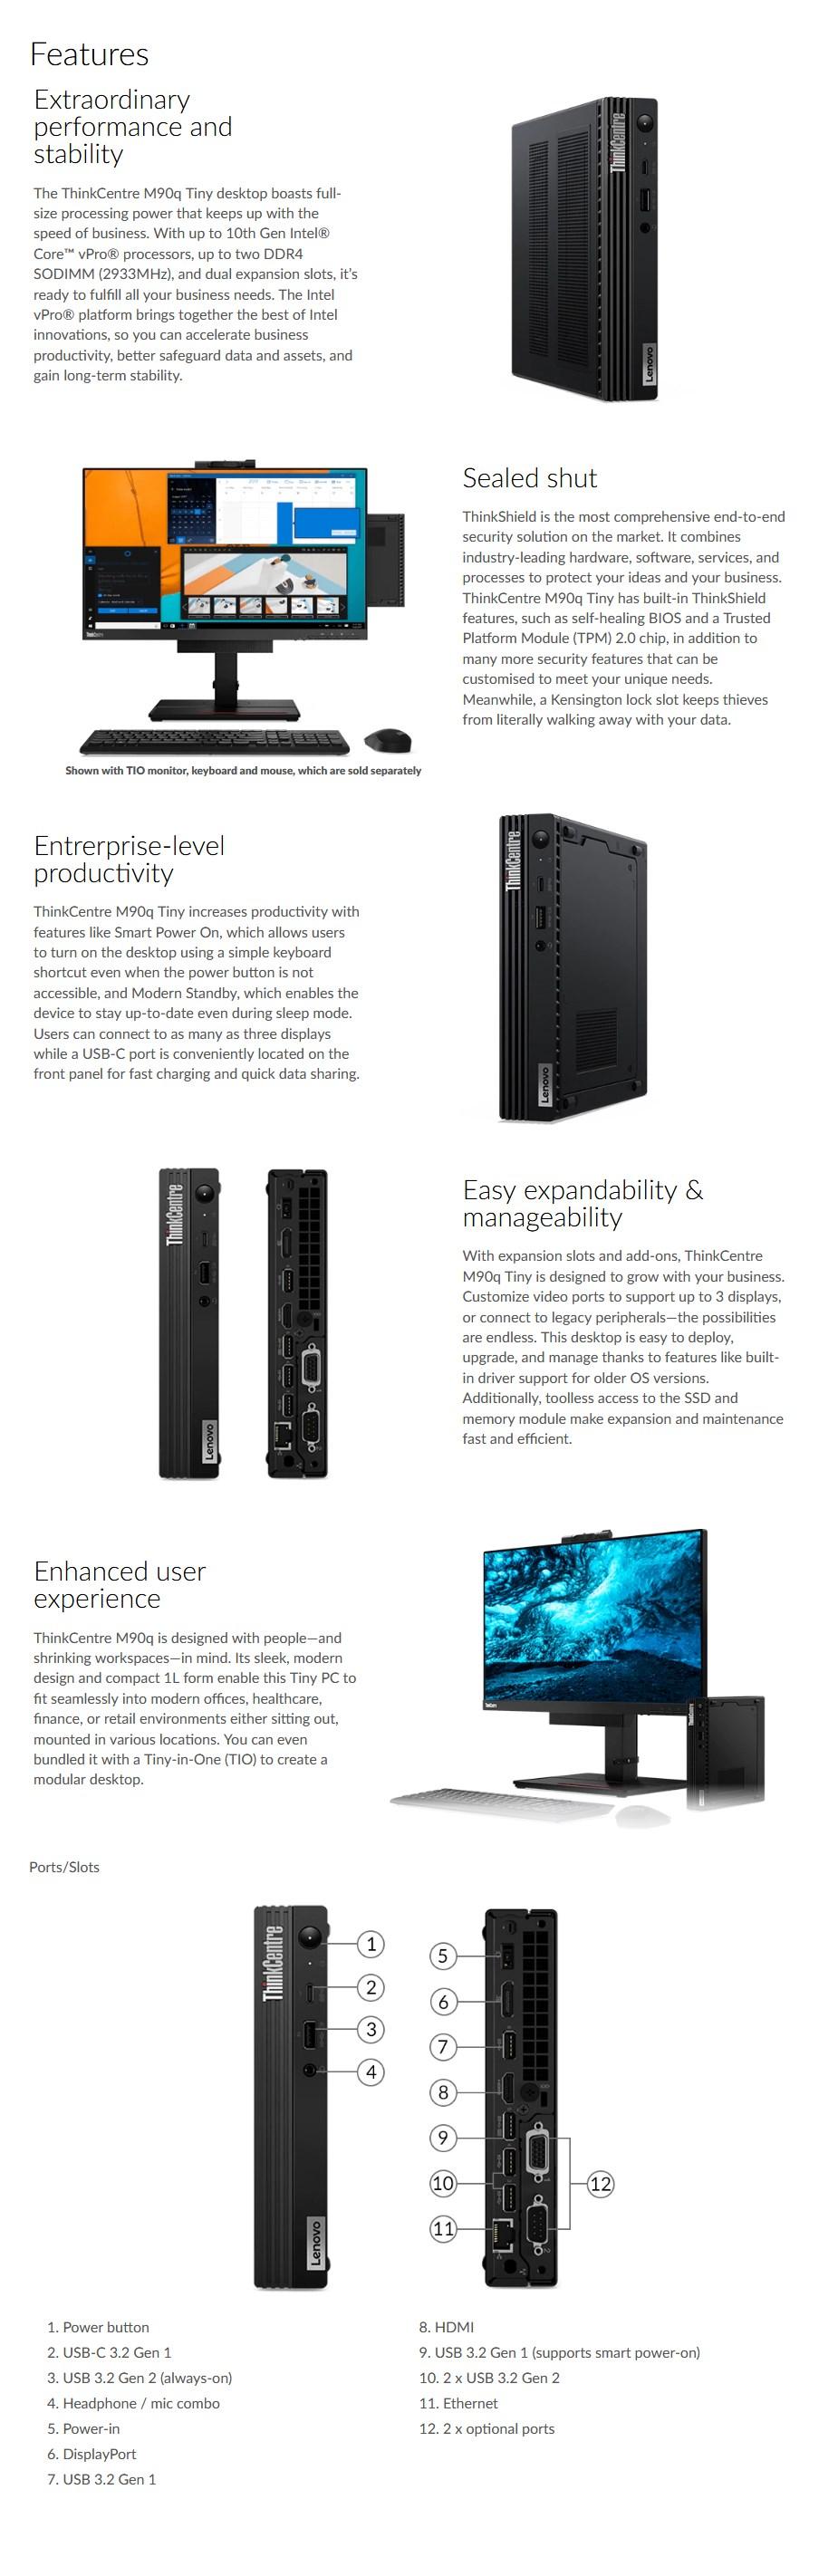 lenovo-m90q-tiny-desktop-i510500t-16gb-2x512gb-windows-10-pro-ac41126-6.jpg